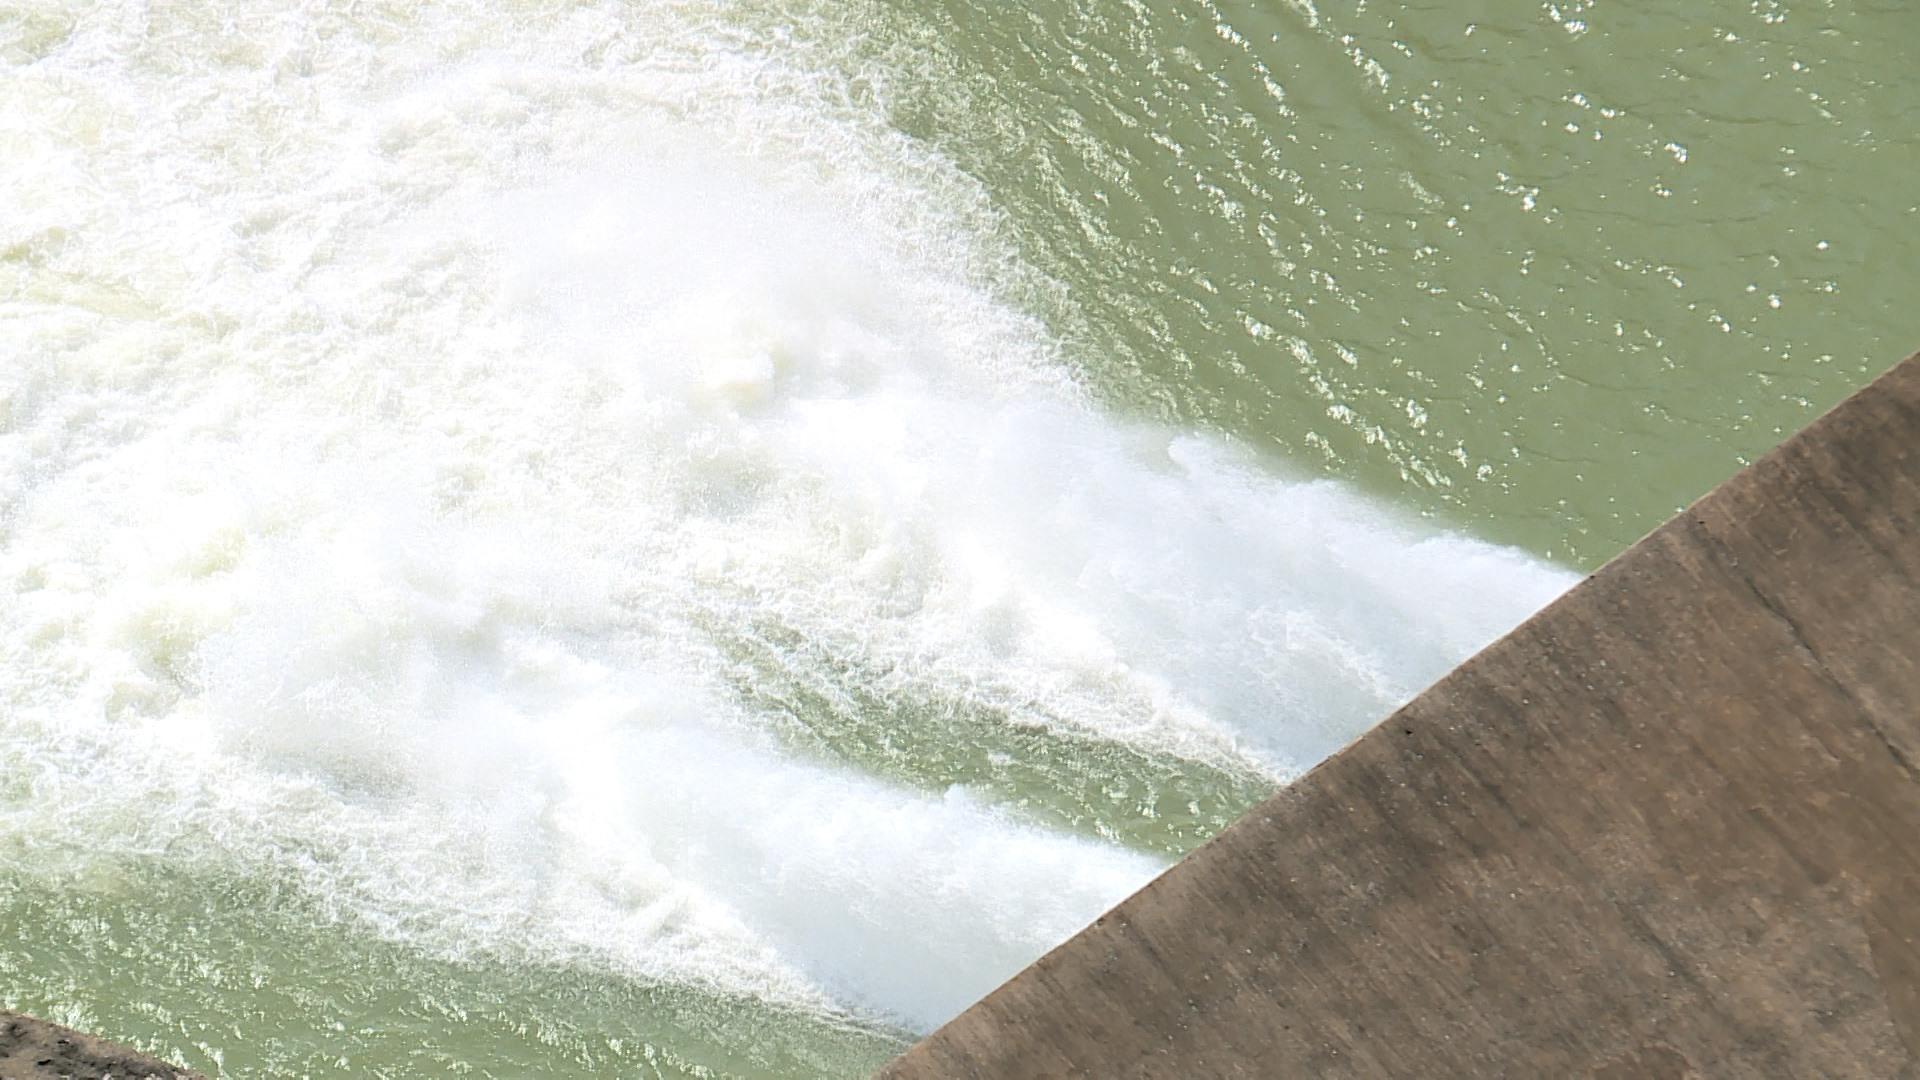 Thủy điện Sông Tranh 2 đang điều tiết xả cấp nước cho hạ du với lưu lượng tối thiểu 62m3/s